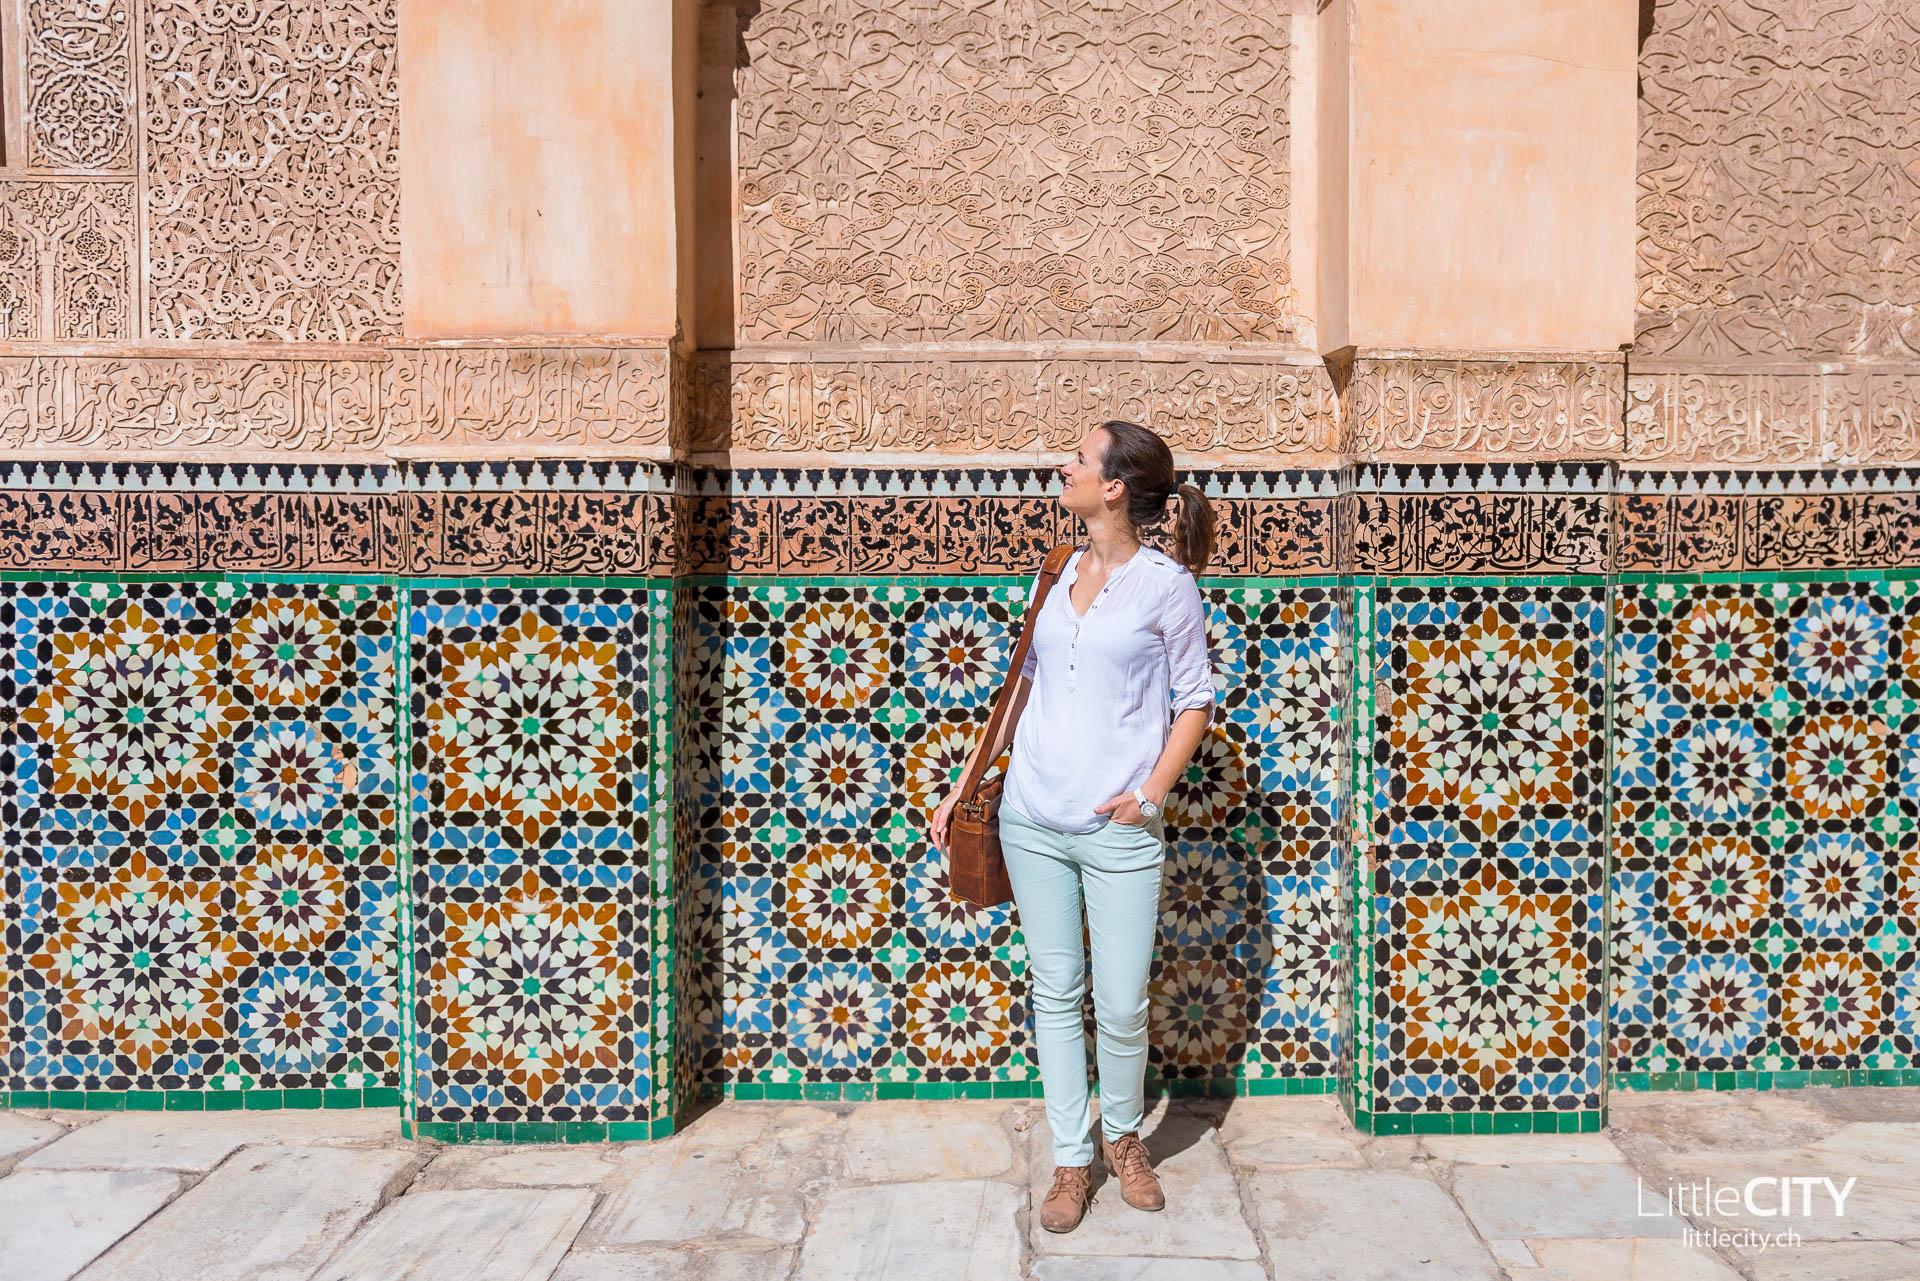 Marrakesch Valeria LittleCITY